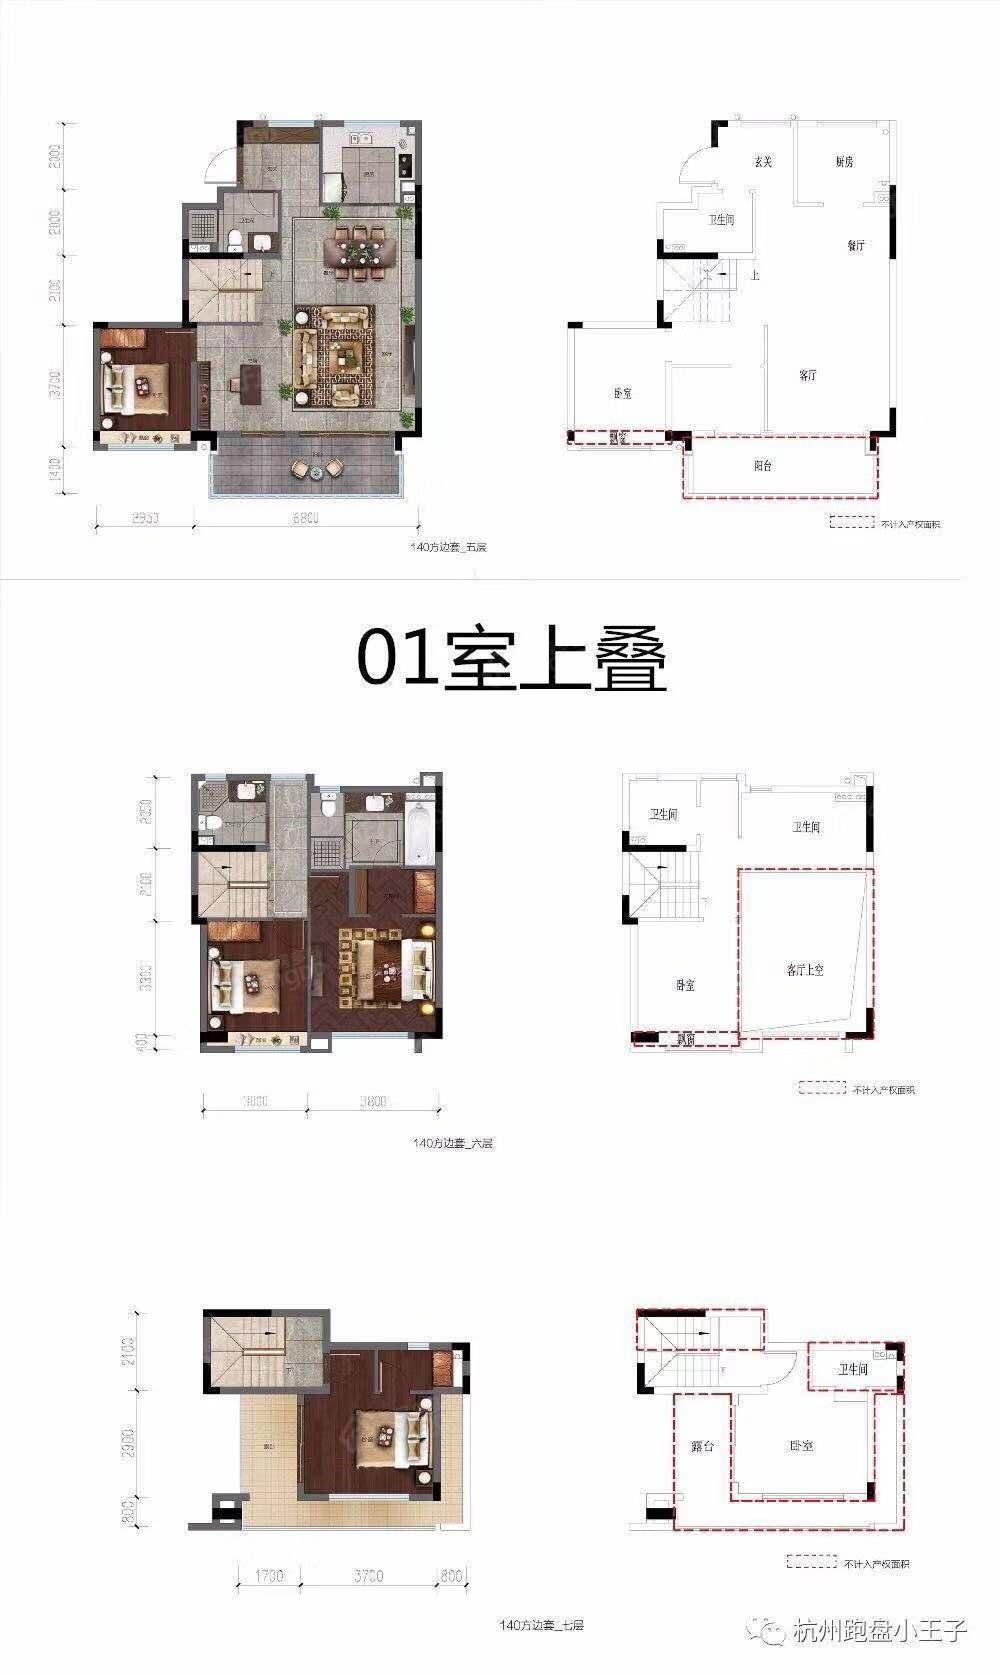 金地玖峯汇4室2厅3卫户型图